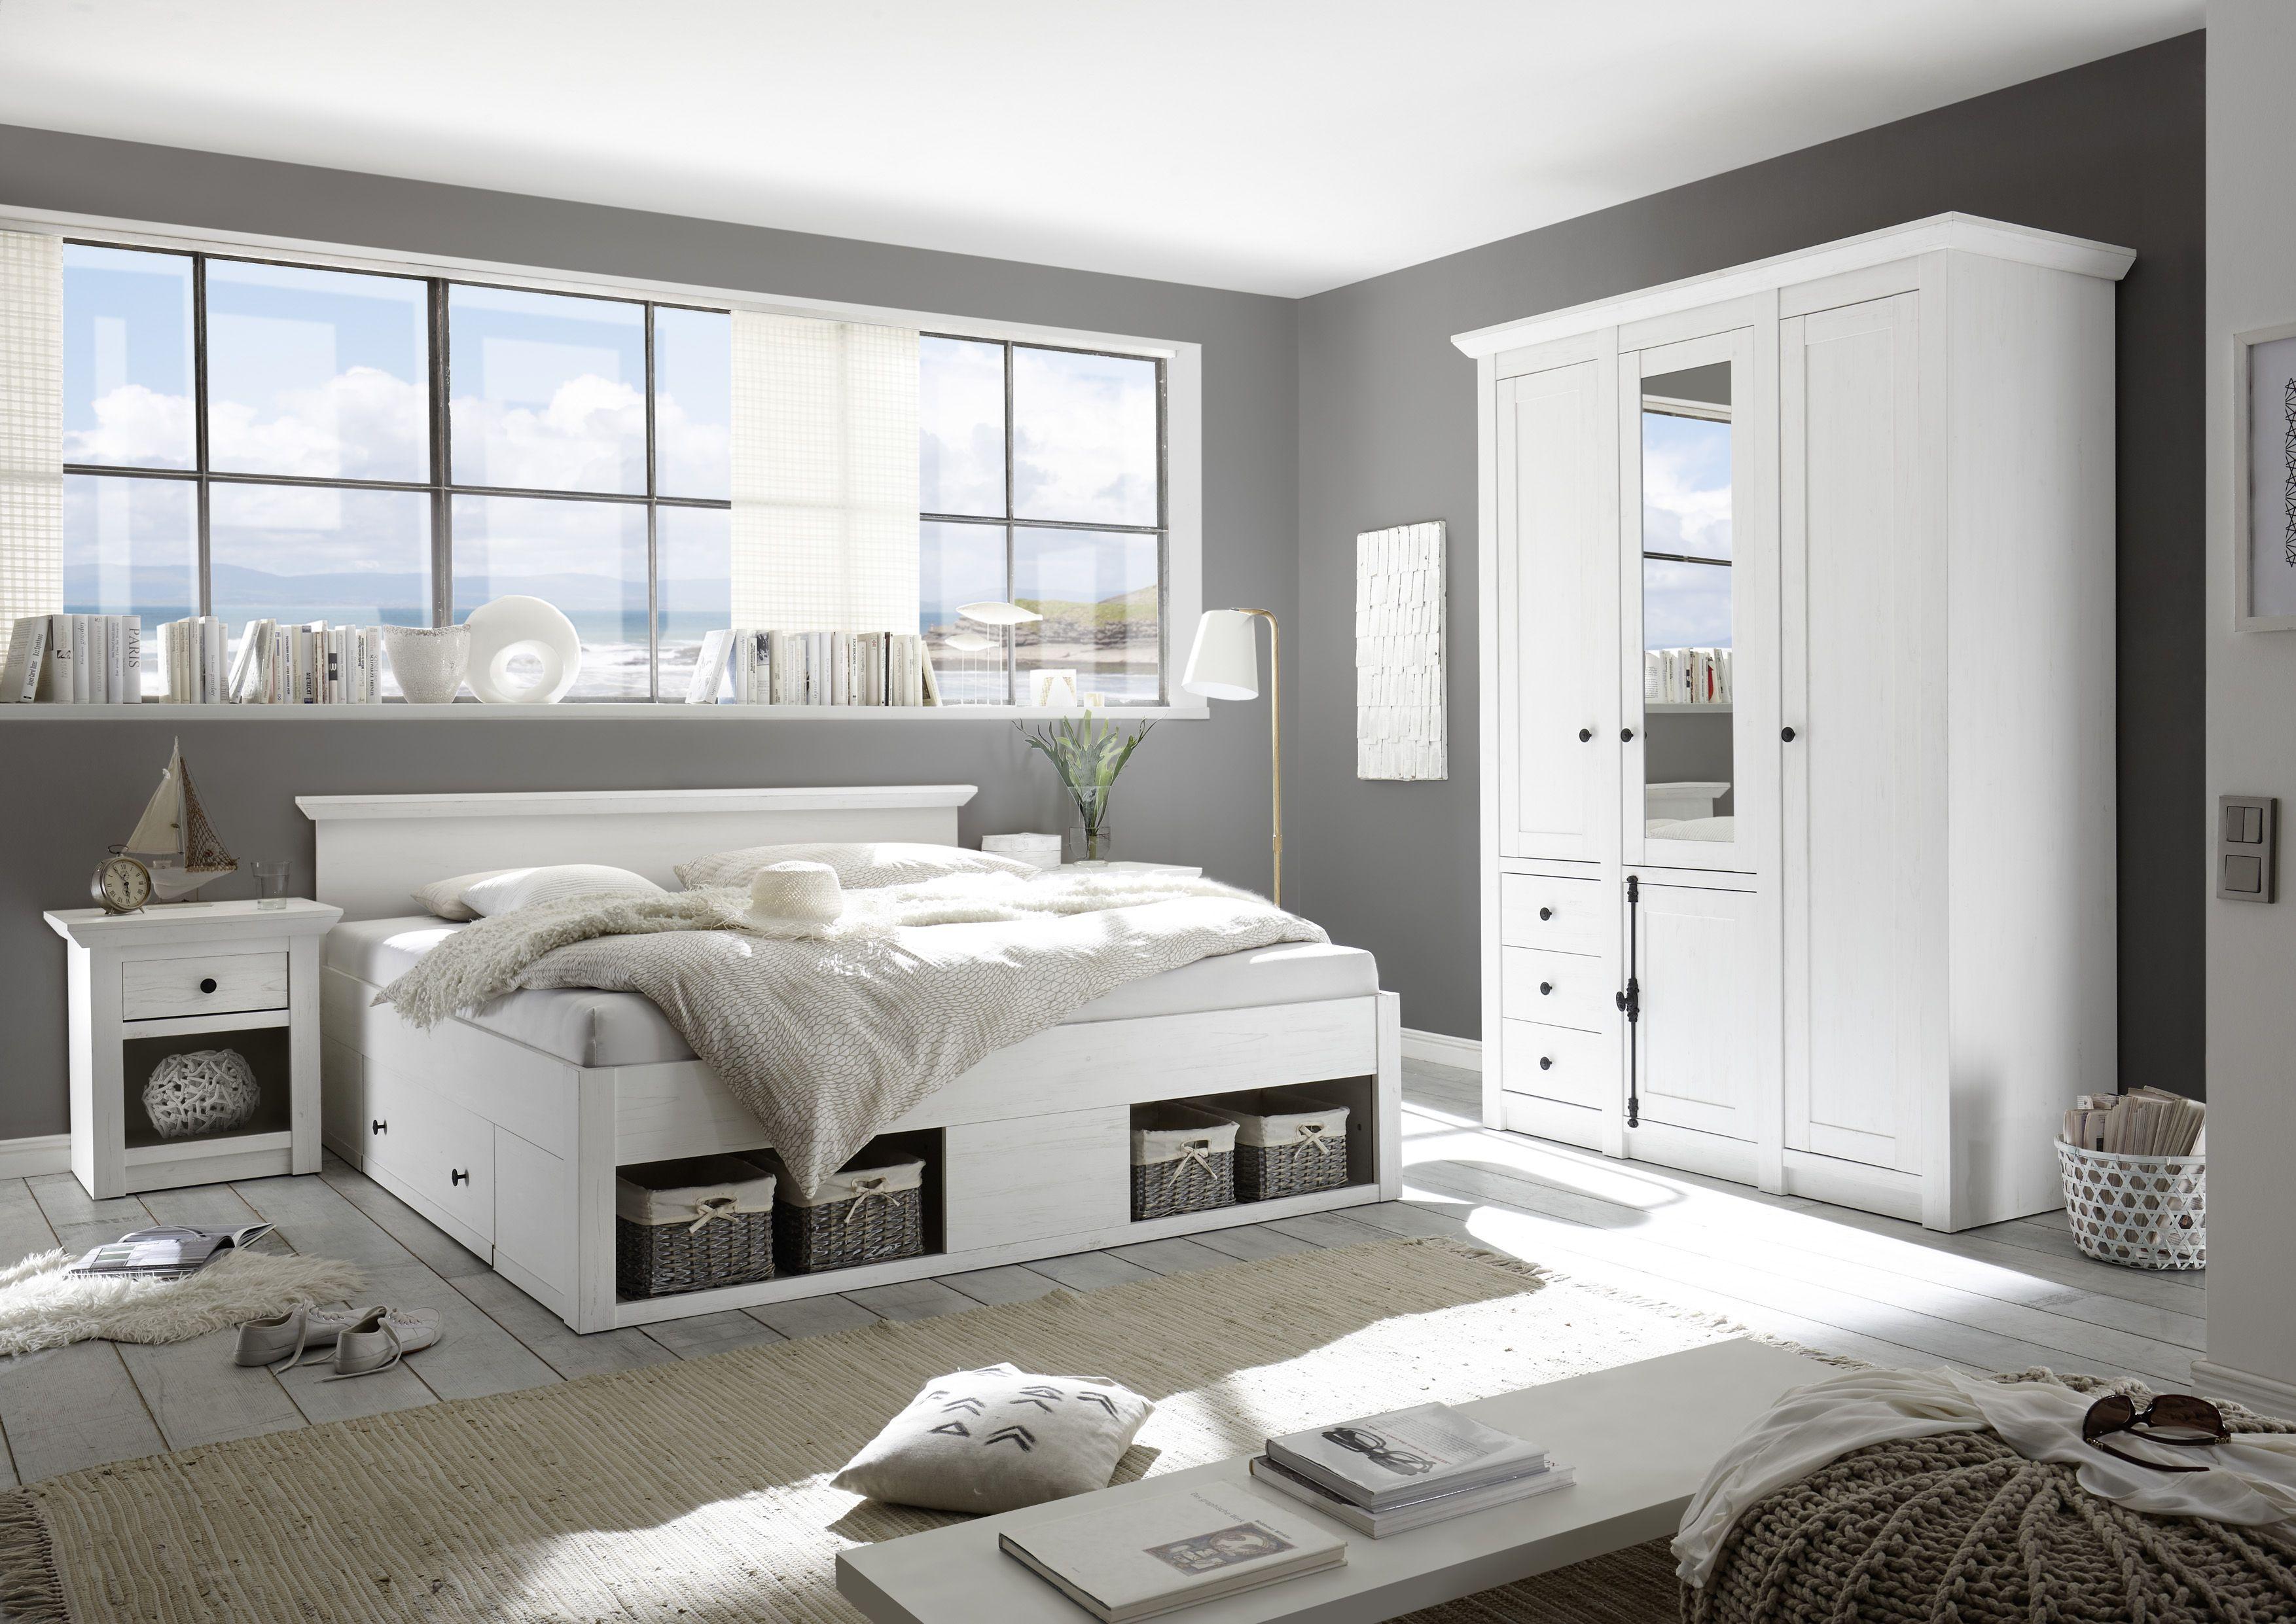 Schlafzimmer Mit Bett 180 X 200 Cm Landhausstil Pinie Weiss Woody 16 ...